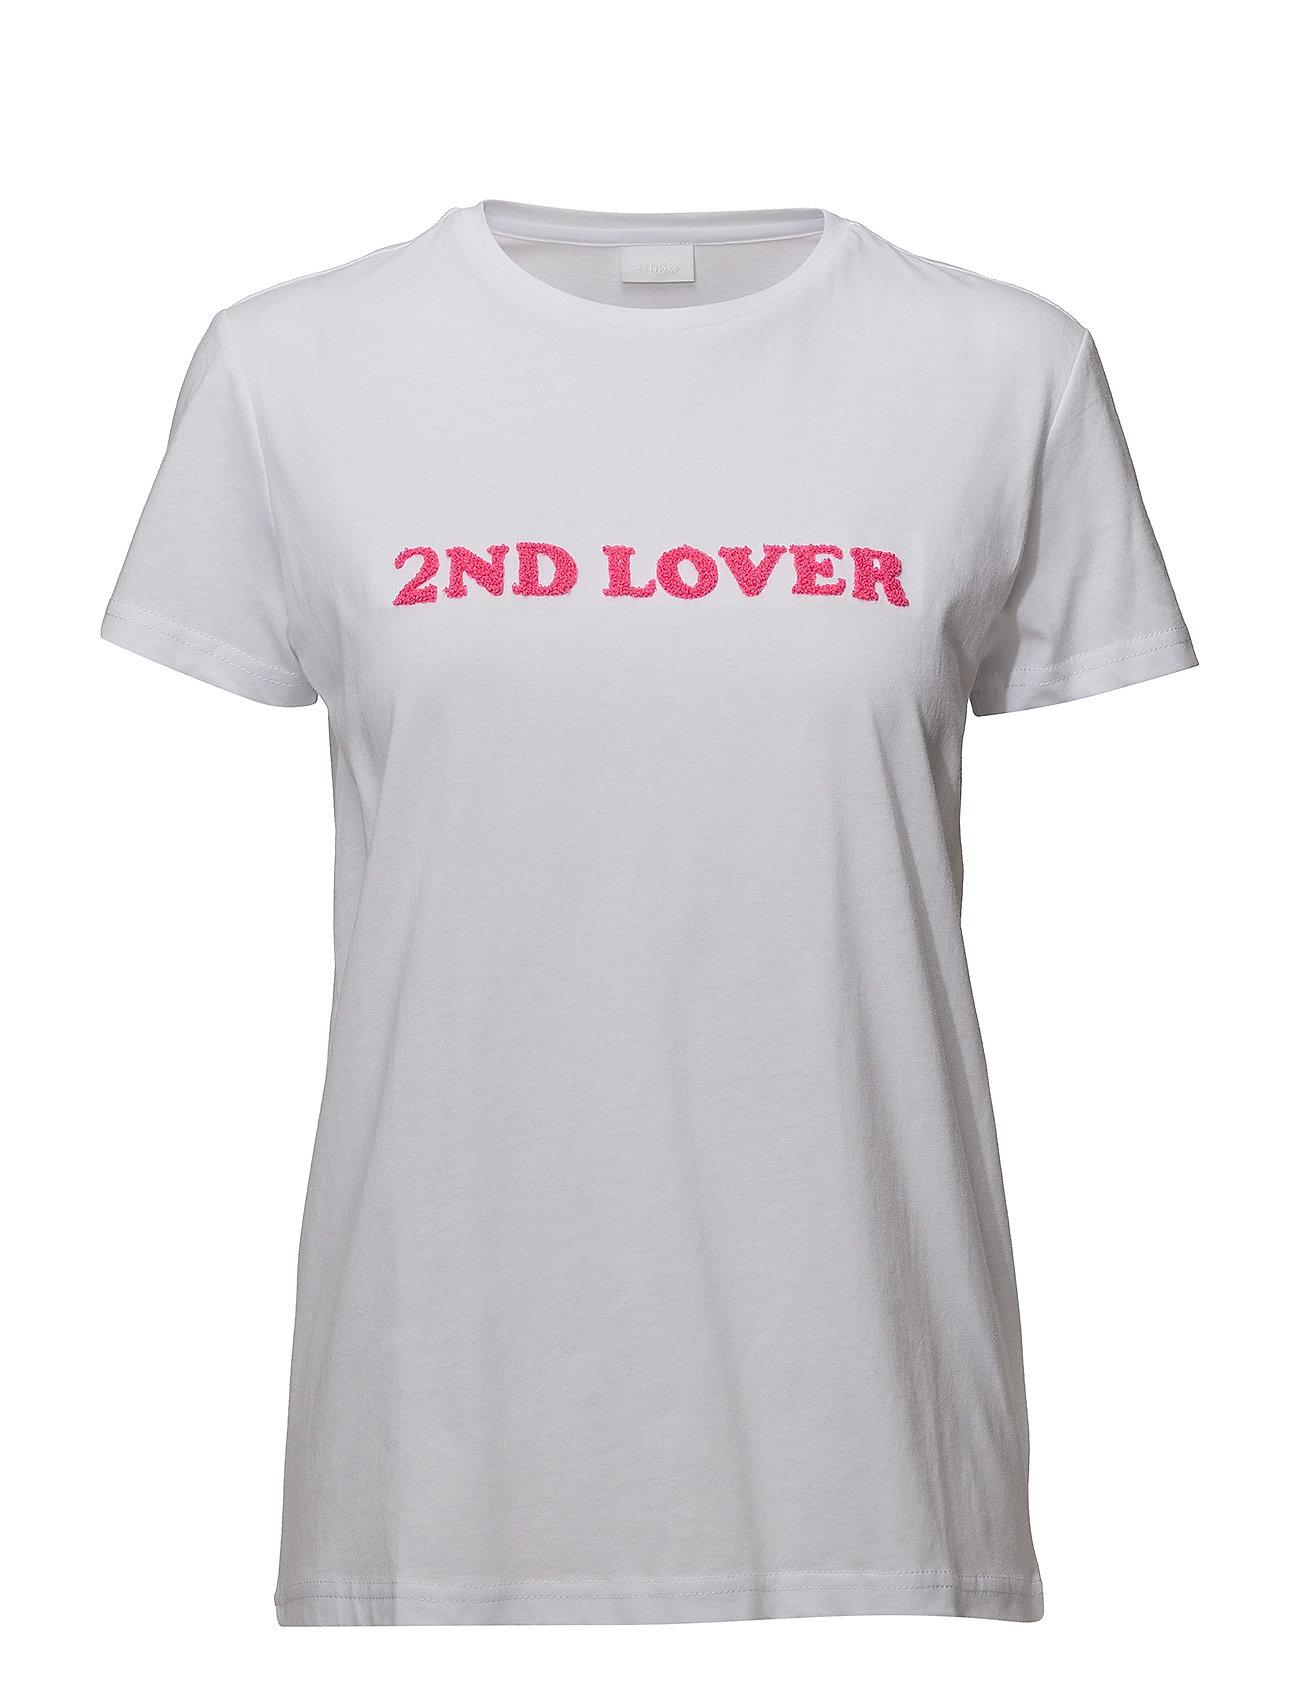 Loverazalea2ndday 2nd 2nd Loverazalea2ndday Loverazalea2ndday Loverazalea2ndday 2nd 2nd 2nd Loverazalea2ndday 2nd EHe2DIW9Yb